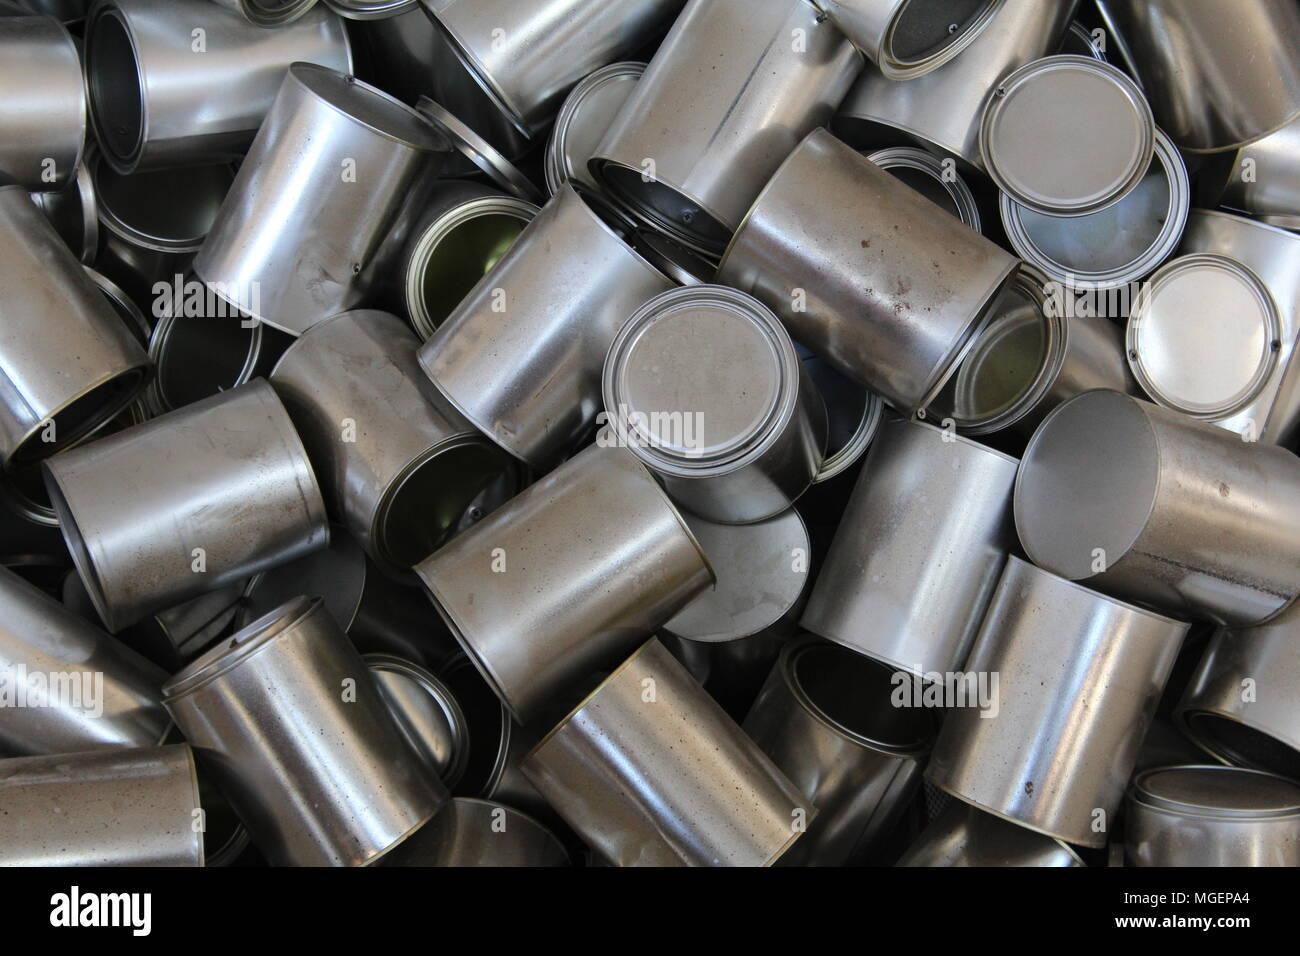 Acumulación de latas de estaño gris apilados unos encima de otros en una manera muy desordenado Foto de stock